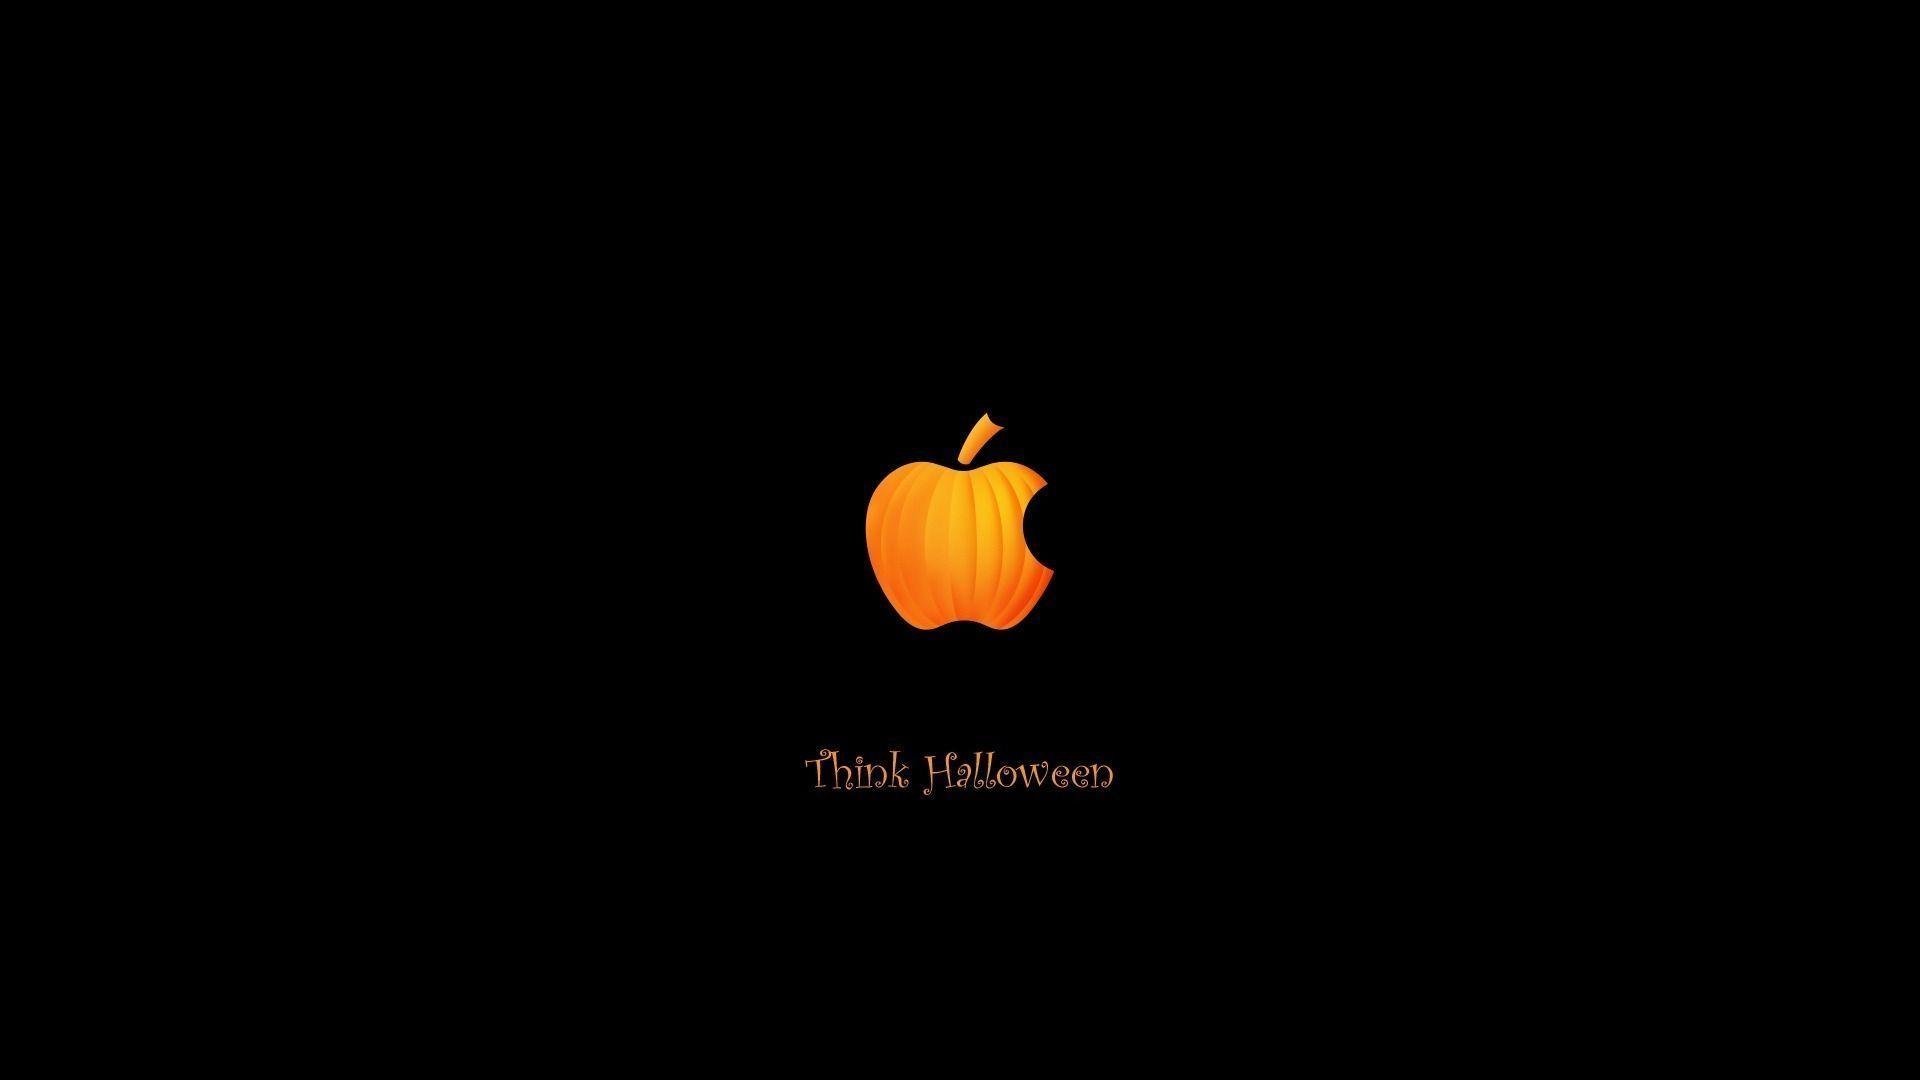 Image Result For Mac Halloween Wallpaper Iphone Backgrounds Macbook Desktop Backgrounds Halloween Desktop Wallpaper